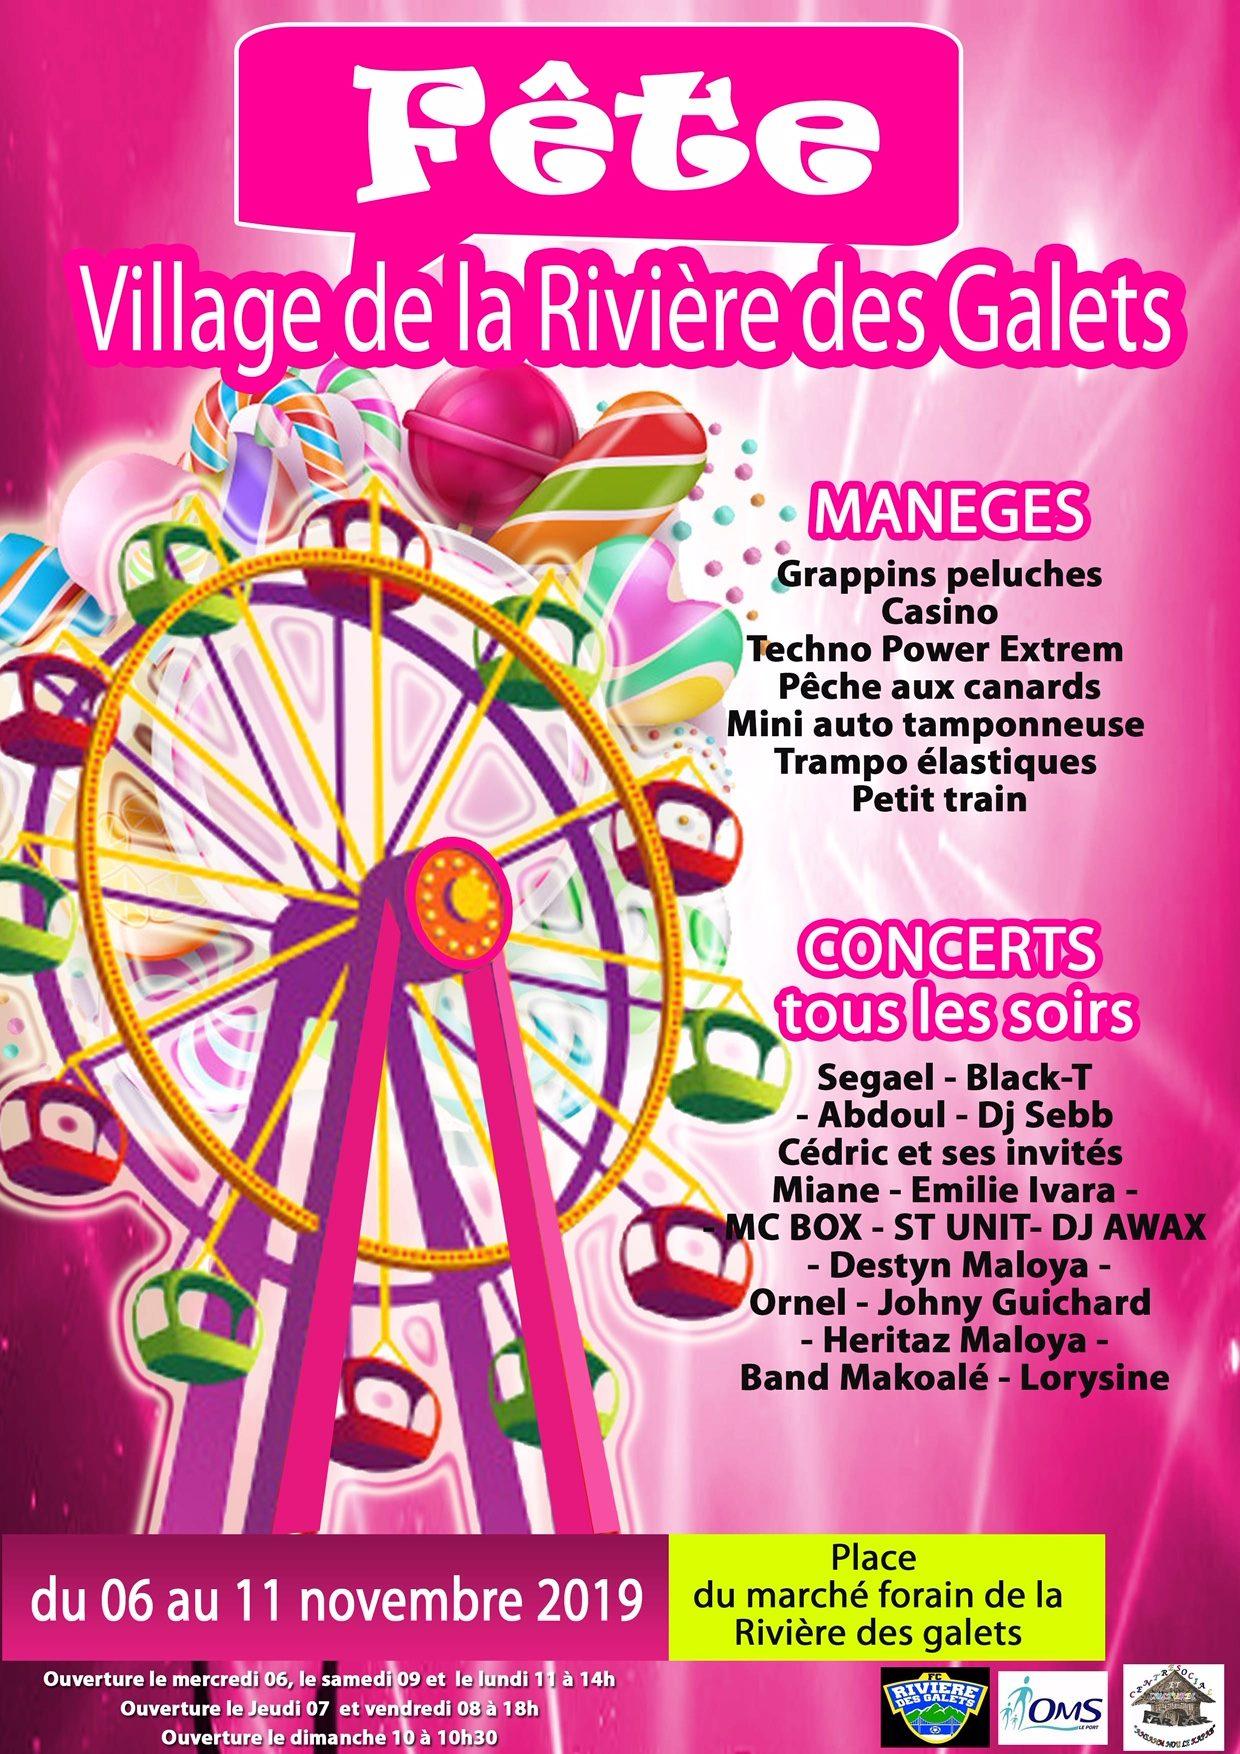 Fête du village de la Rivière des Galets